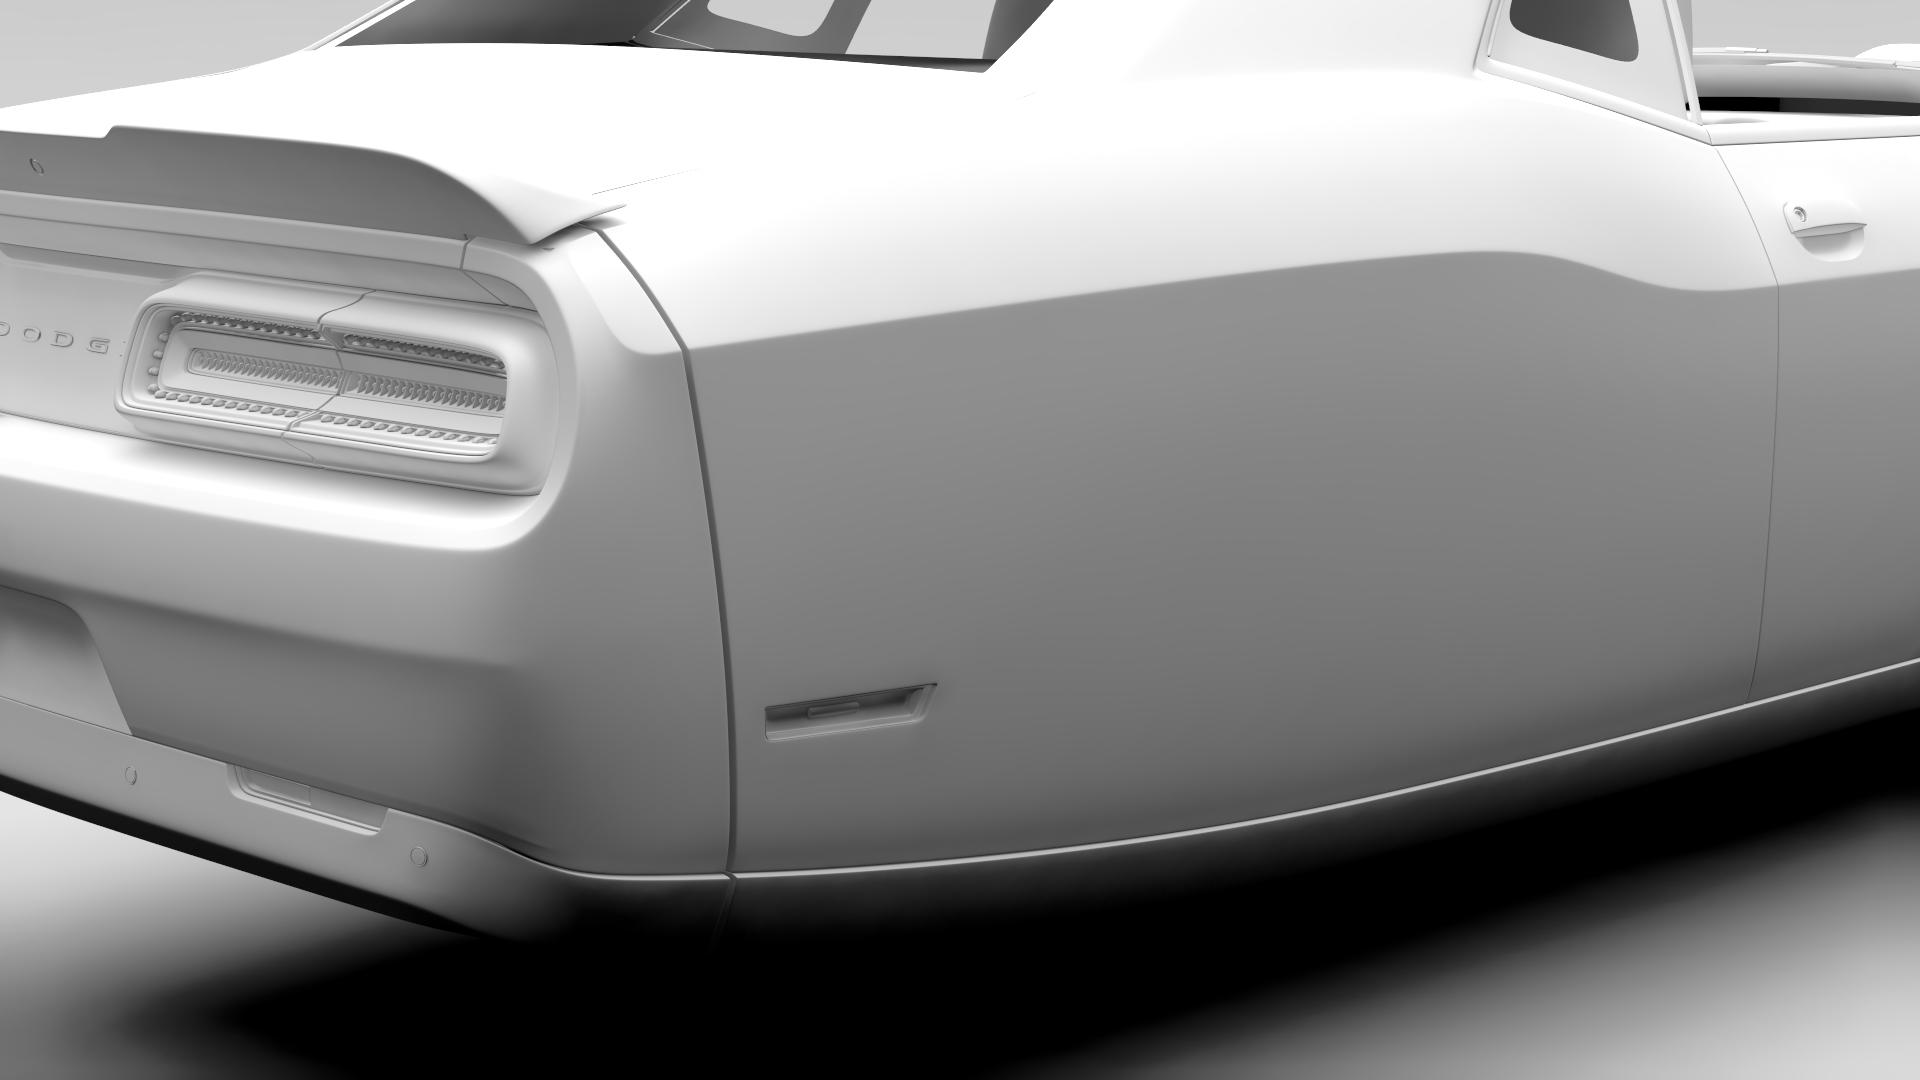 Dodge Challenger 392 shaker (lc) 2016 yn hedfan model 3d 3ds max fbx c4d ar gyfer yr hrc xsi obj 220610